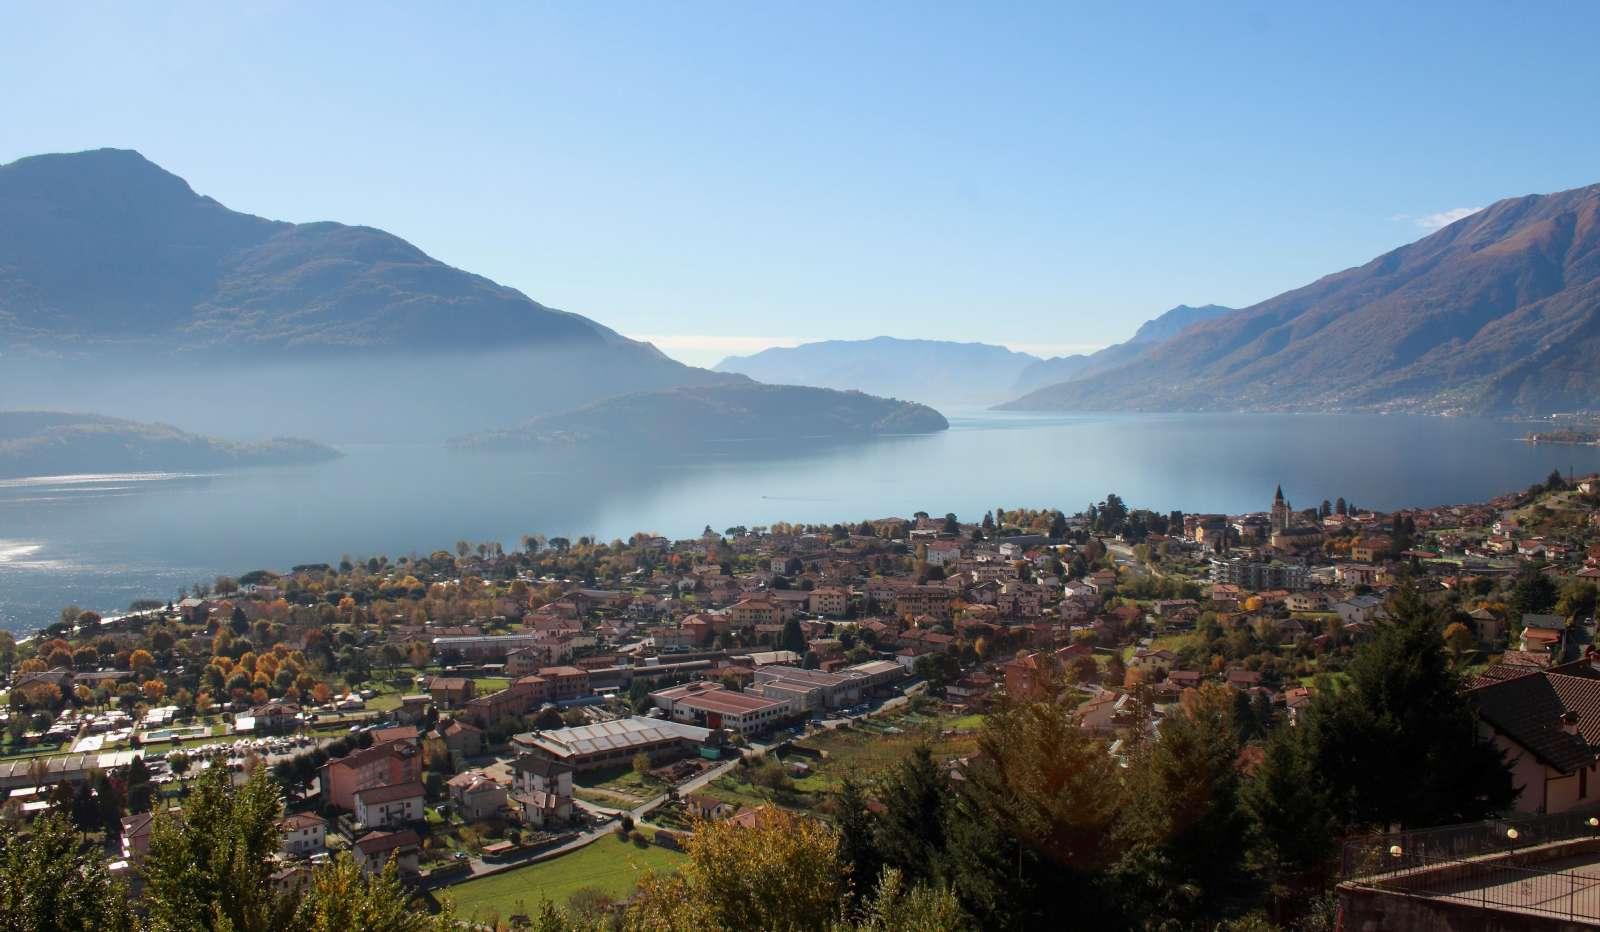 Udsigt oppe fra Vercana ud over Comosøen og byen Domaso